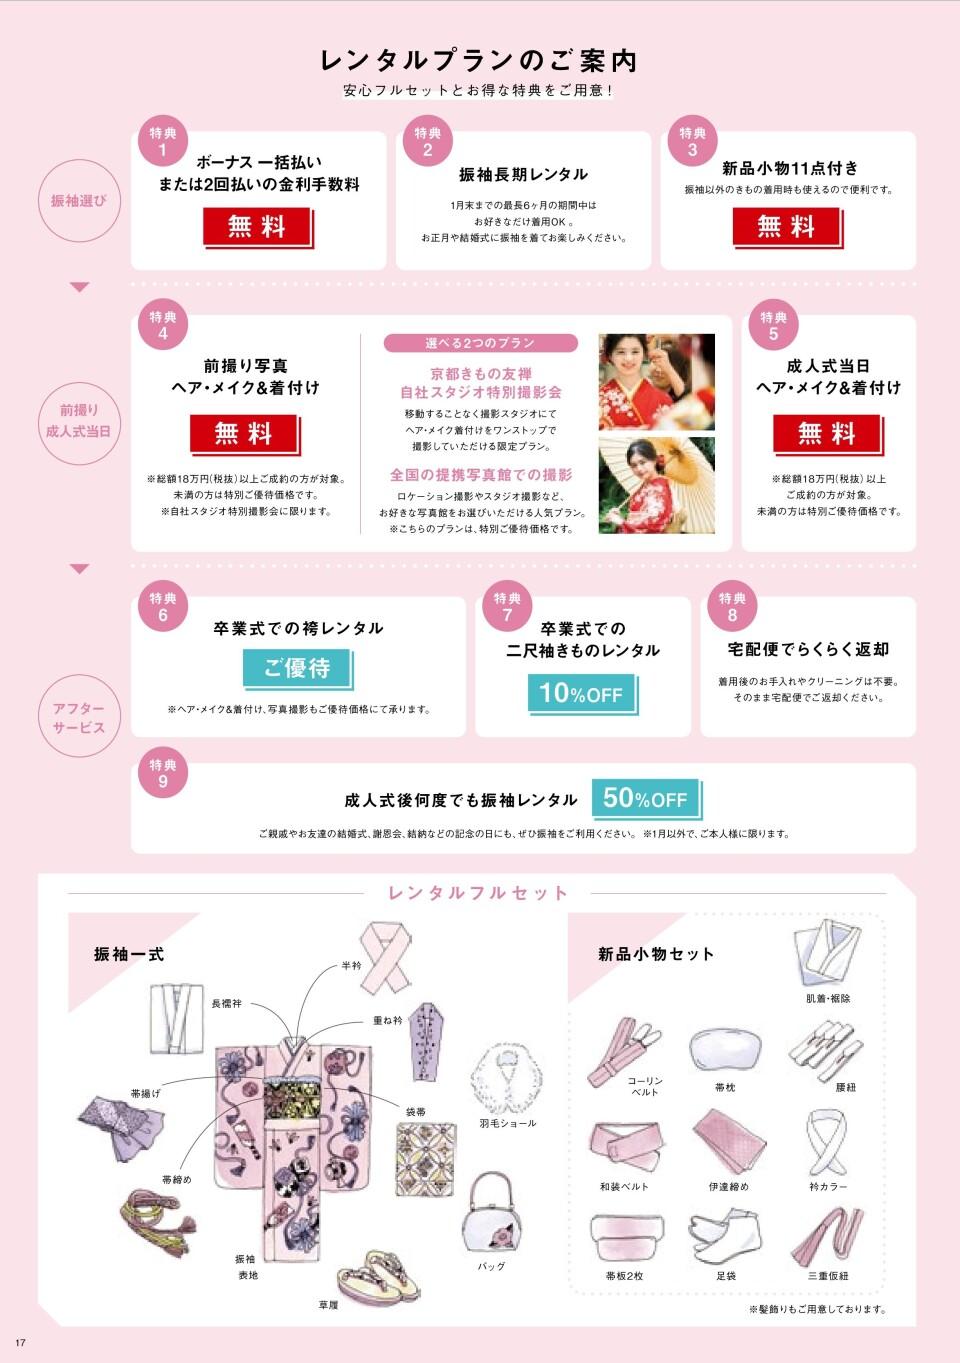 yuzen_21wtr_book_1118_009 - コピー